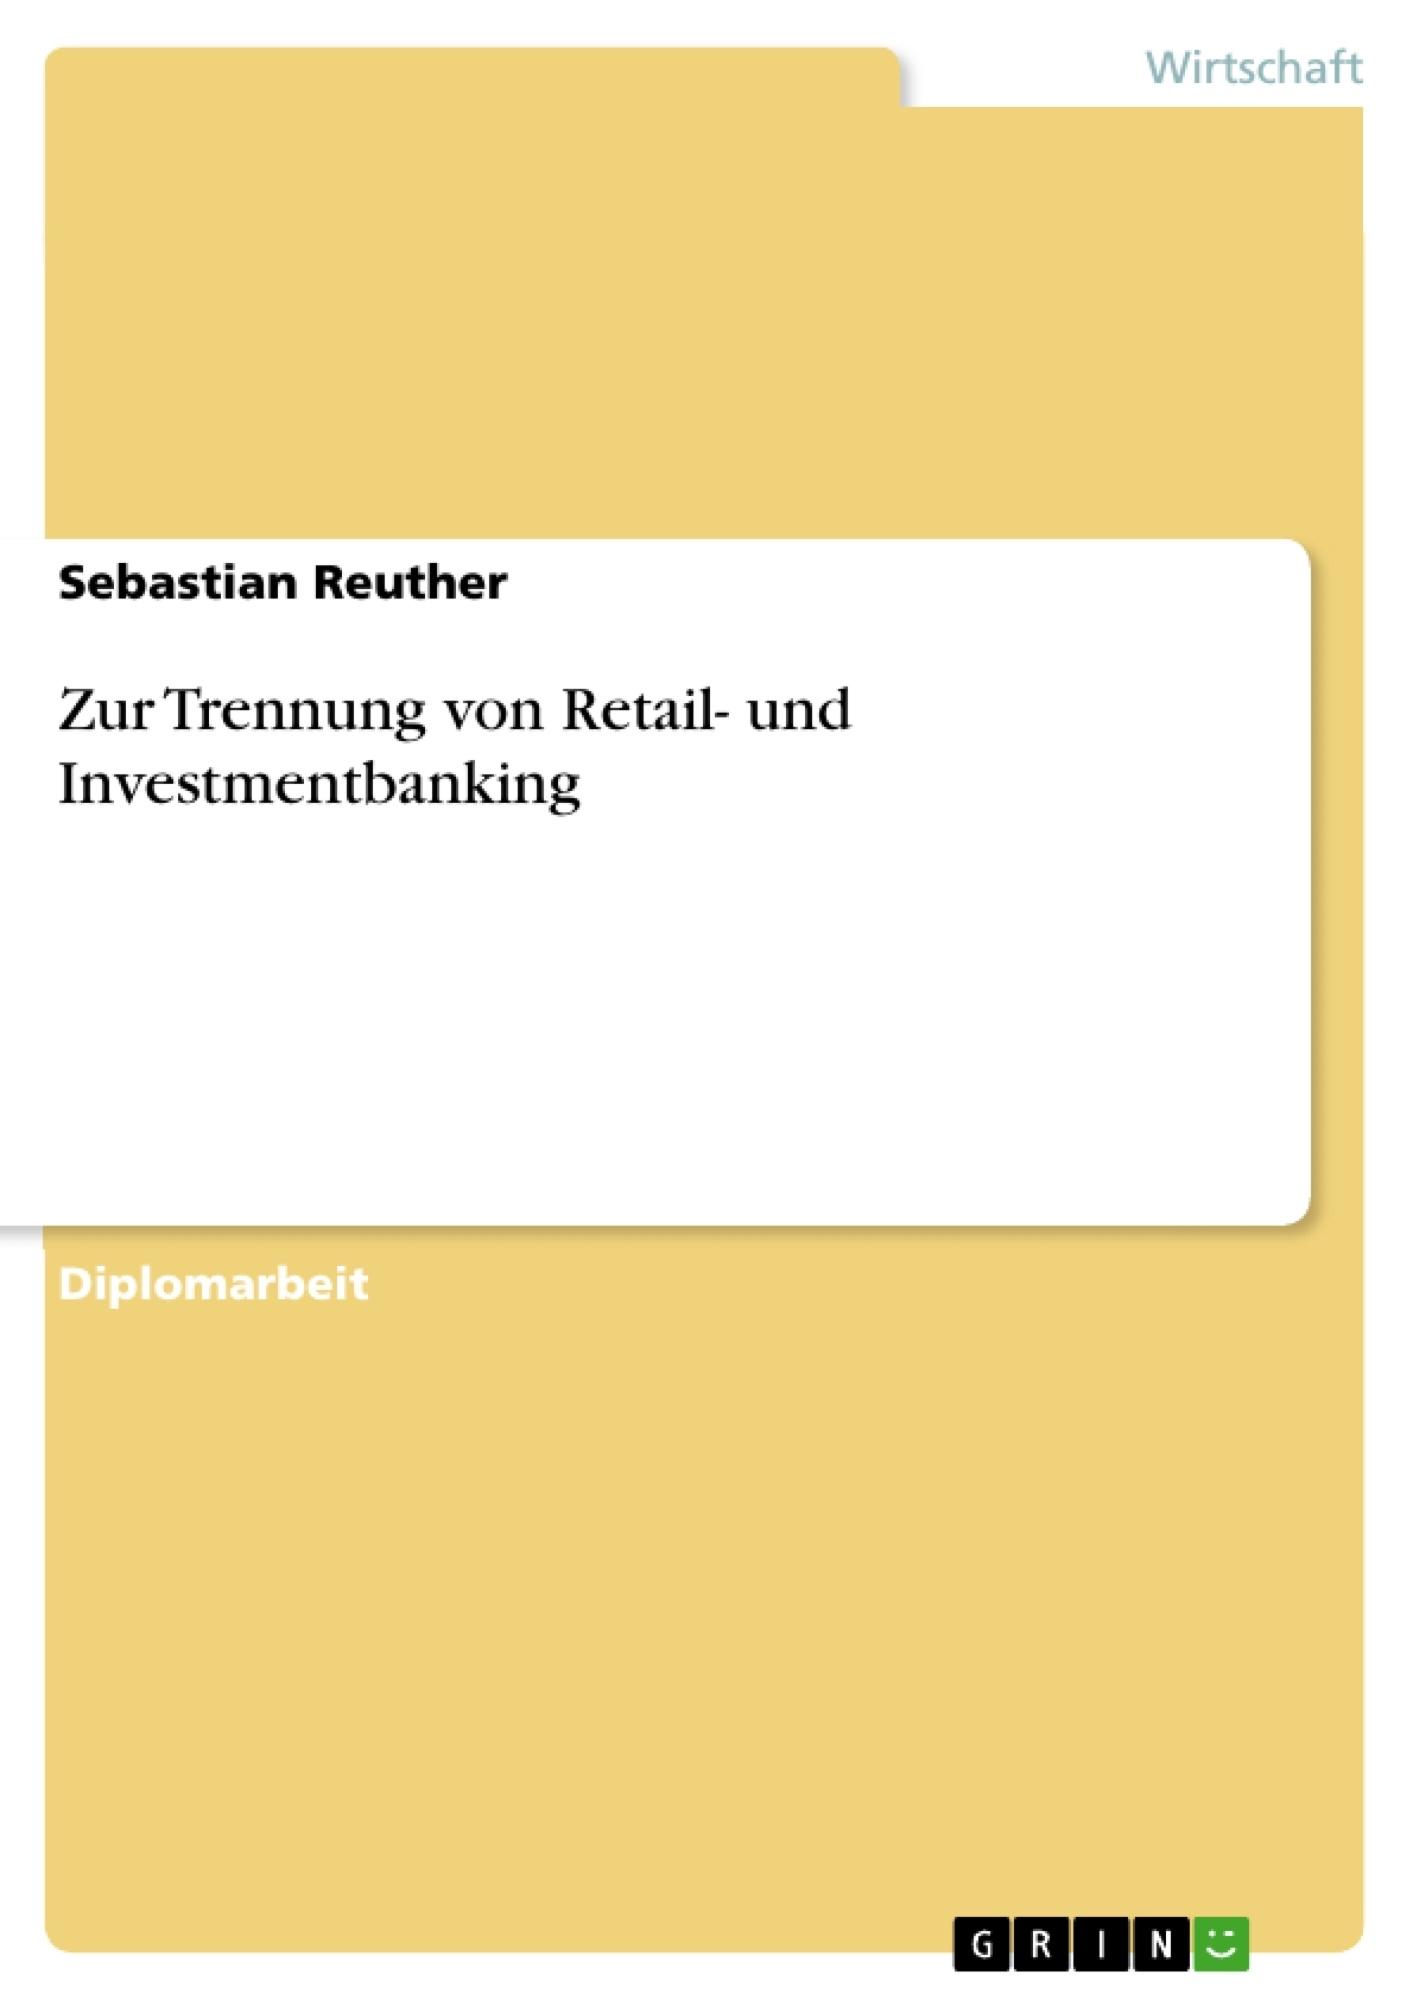 Titel: Zur Trennung von Retail- und Investmentbanking